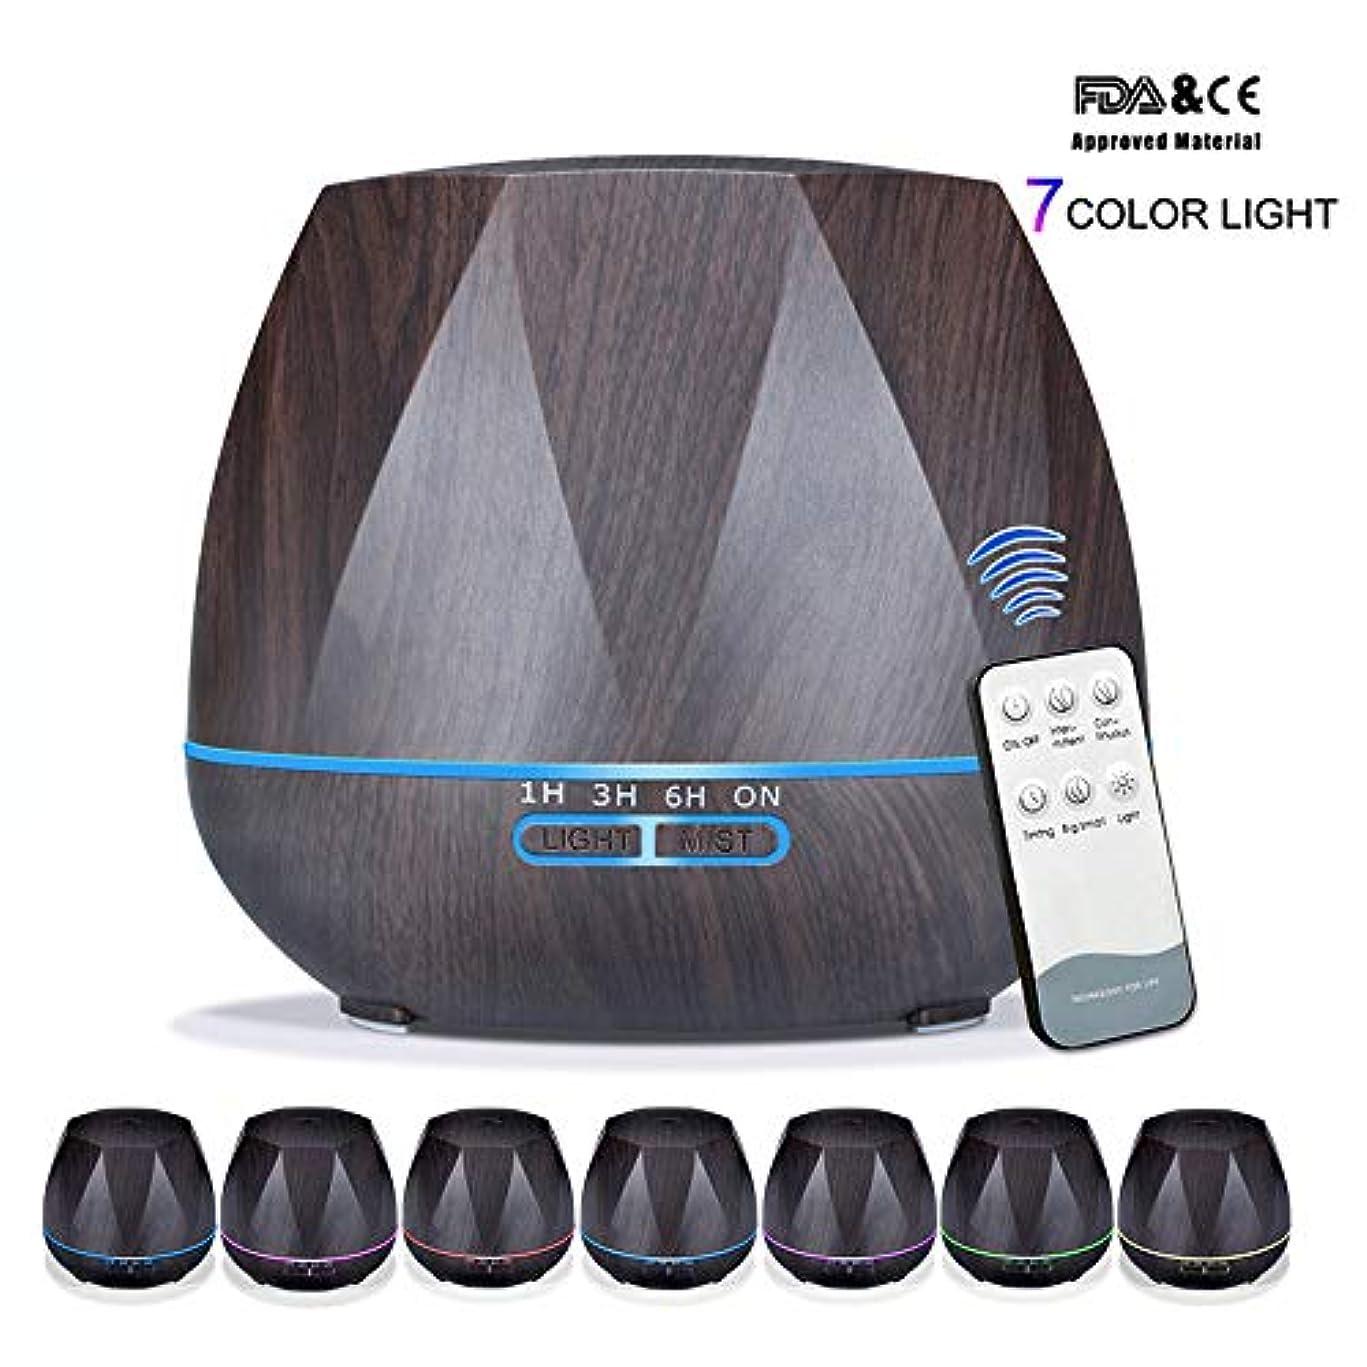 第四キャプションふつうアロマセラピーエッセンシャルオイルアロマディフューザーリモートコントロール7色LEDライトホームエアアロマディフューザー加湿器550ML,Black,Remote